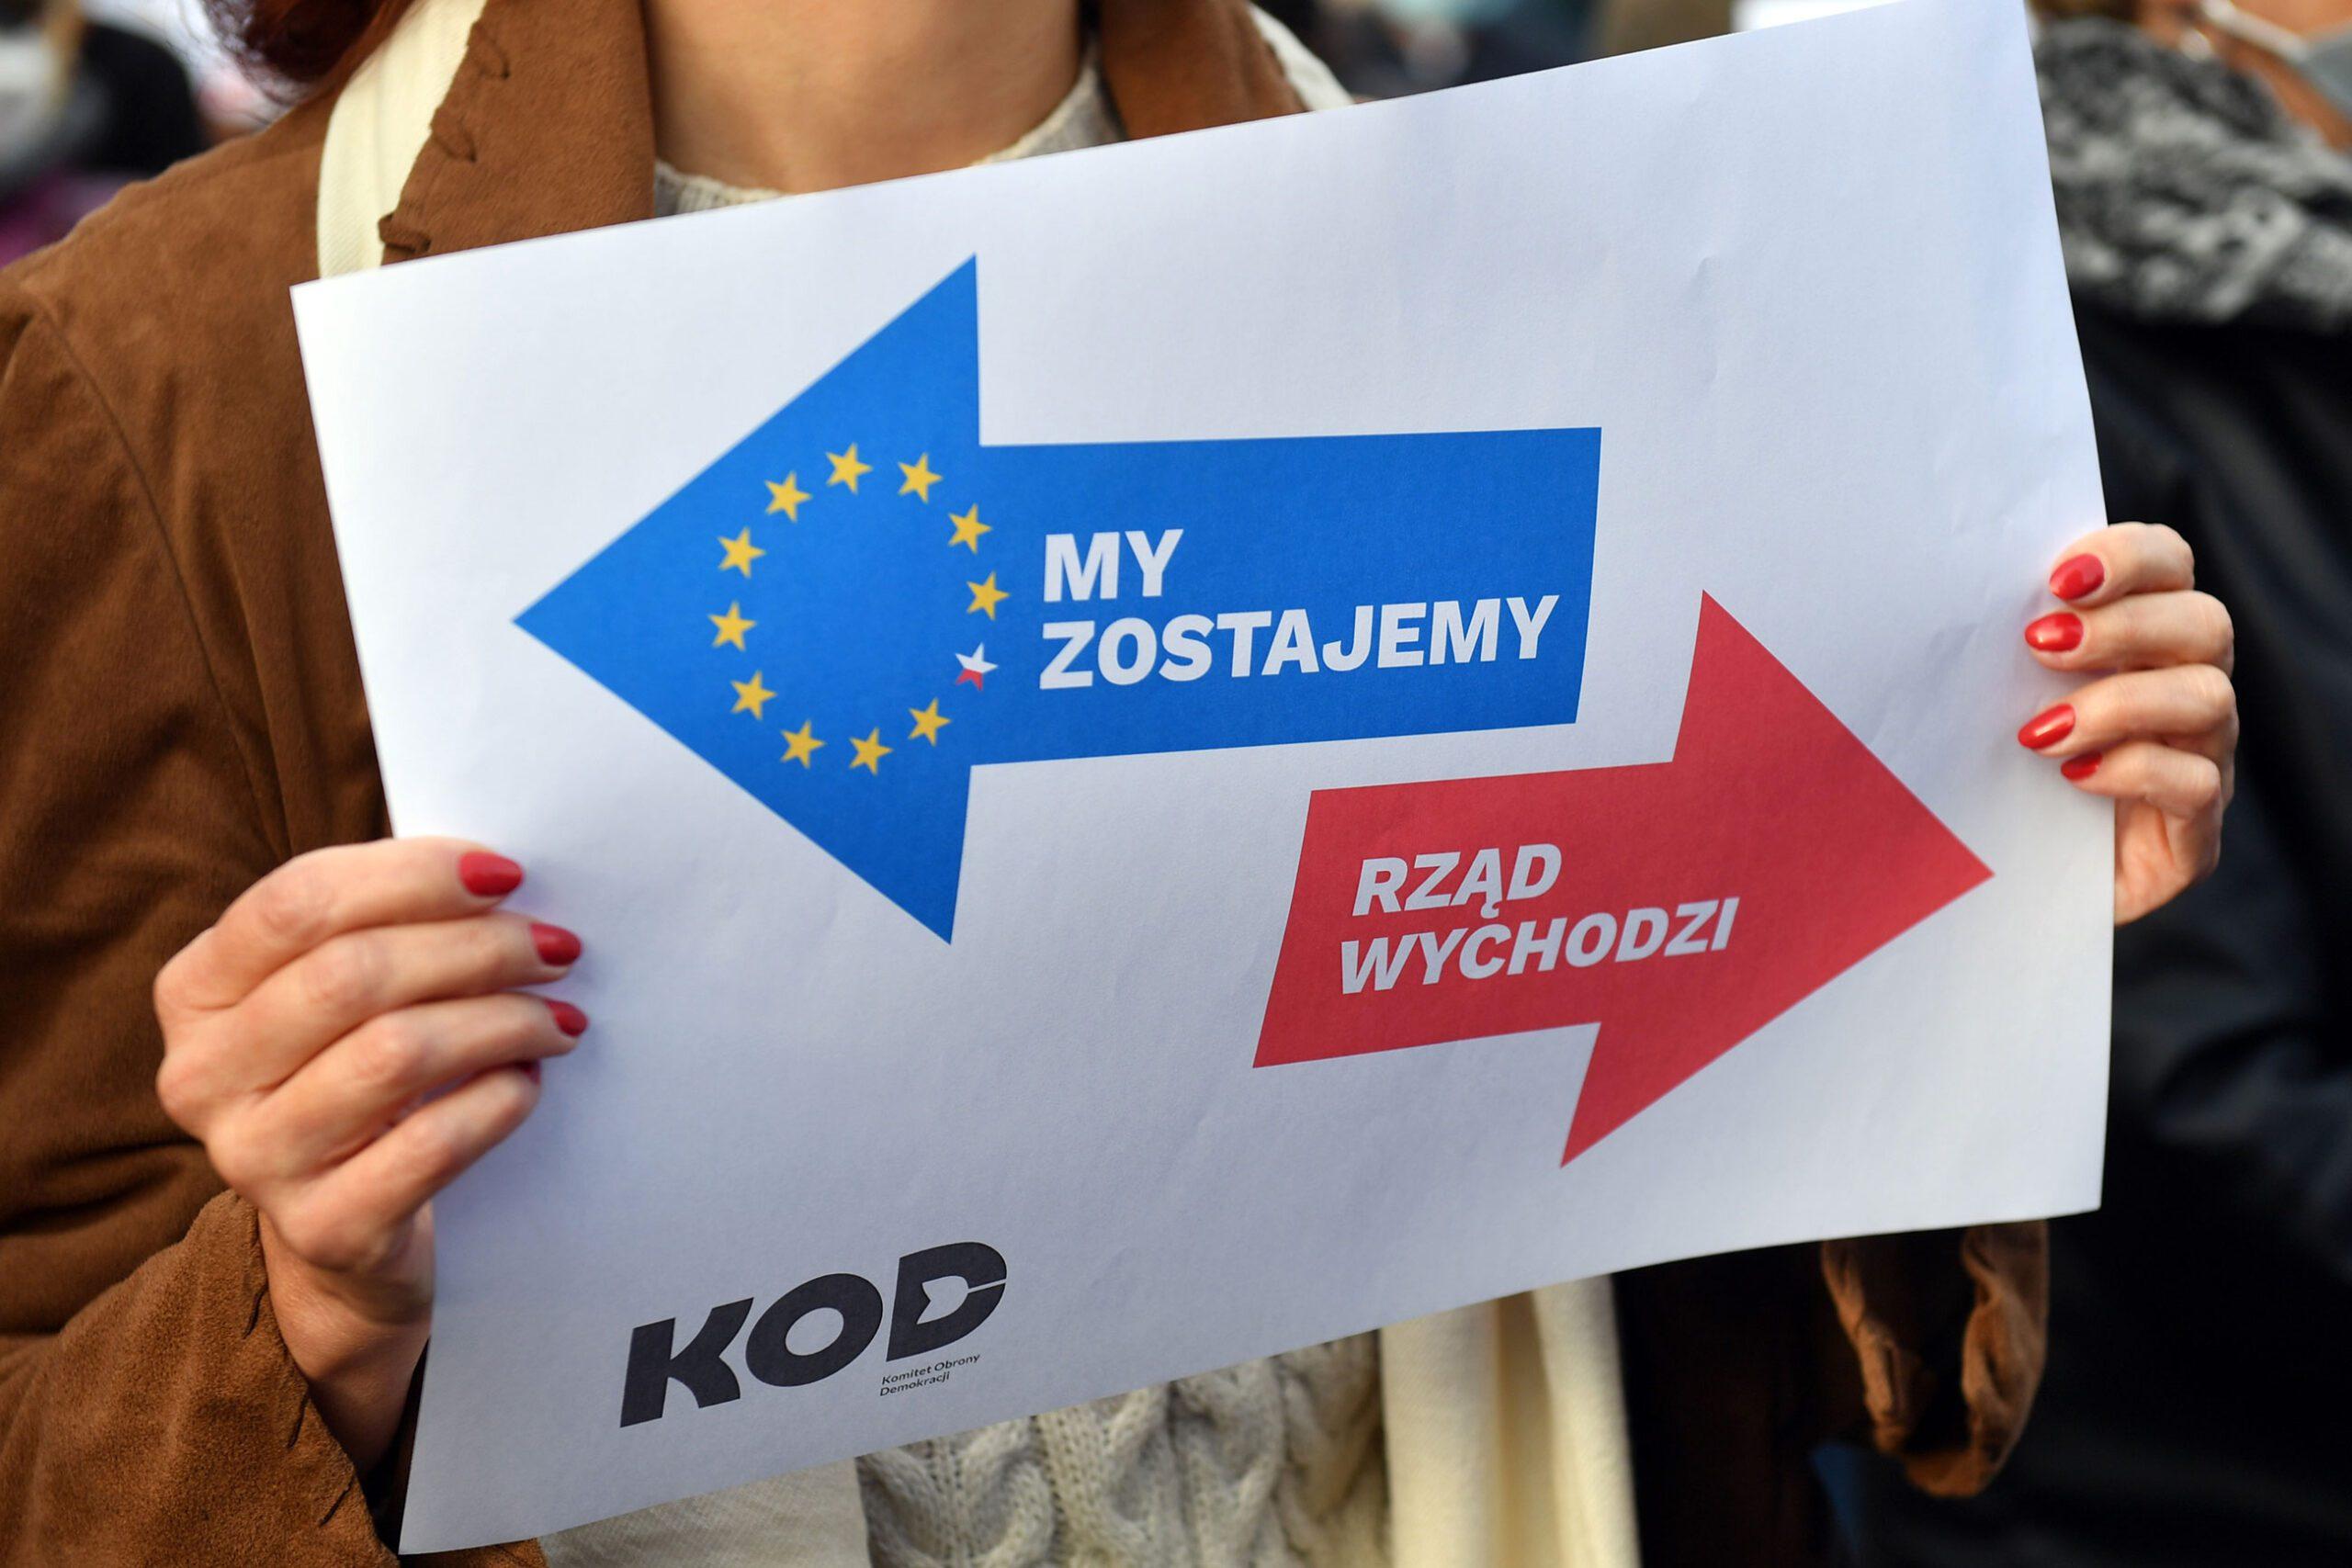 gettyimages 1235813446 - <b>Поляки протестуют против выхода из ЕС.</b> Журналистка Забороны в Польше объясняет, что происходит - Заборона